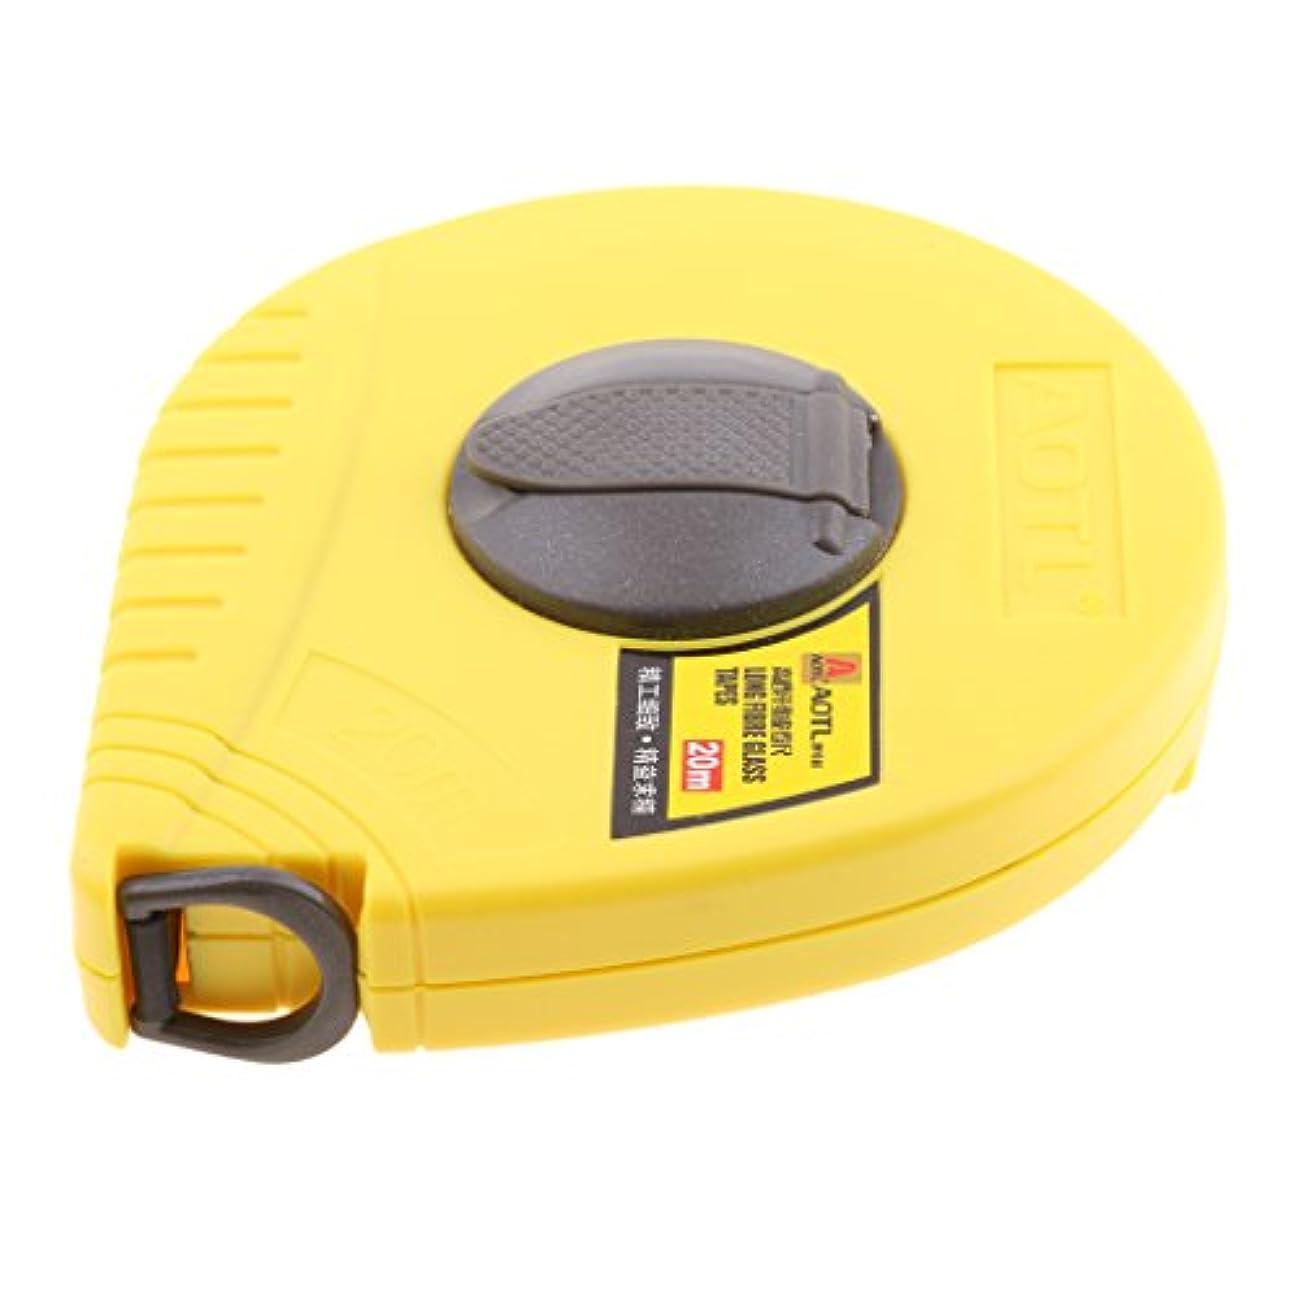 兵器庫最後にコインDolity 0-20m テープメジャー 巻尺 引き込み式 測定ツール 耐衝撃性 ポータブル